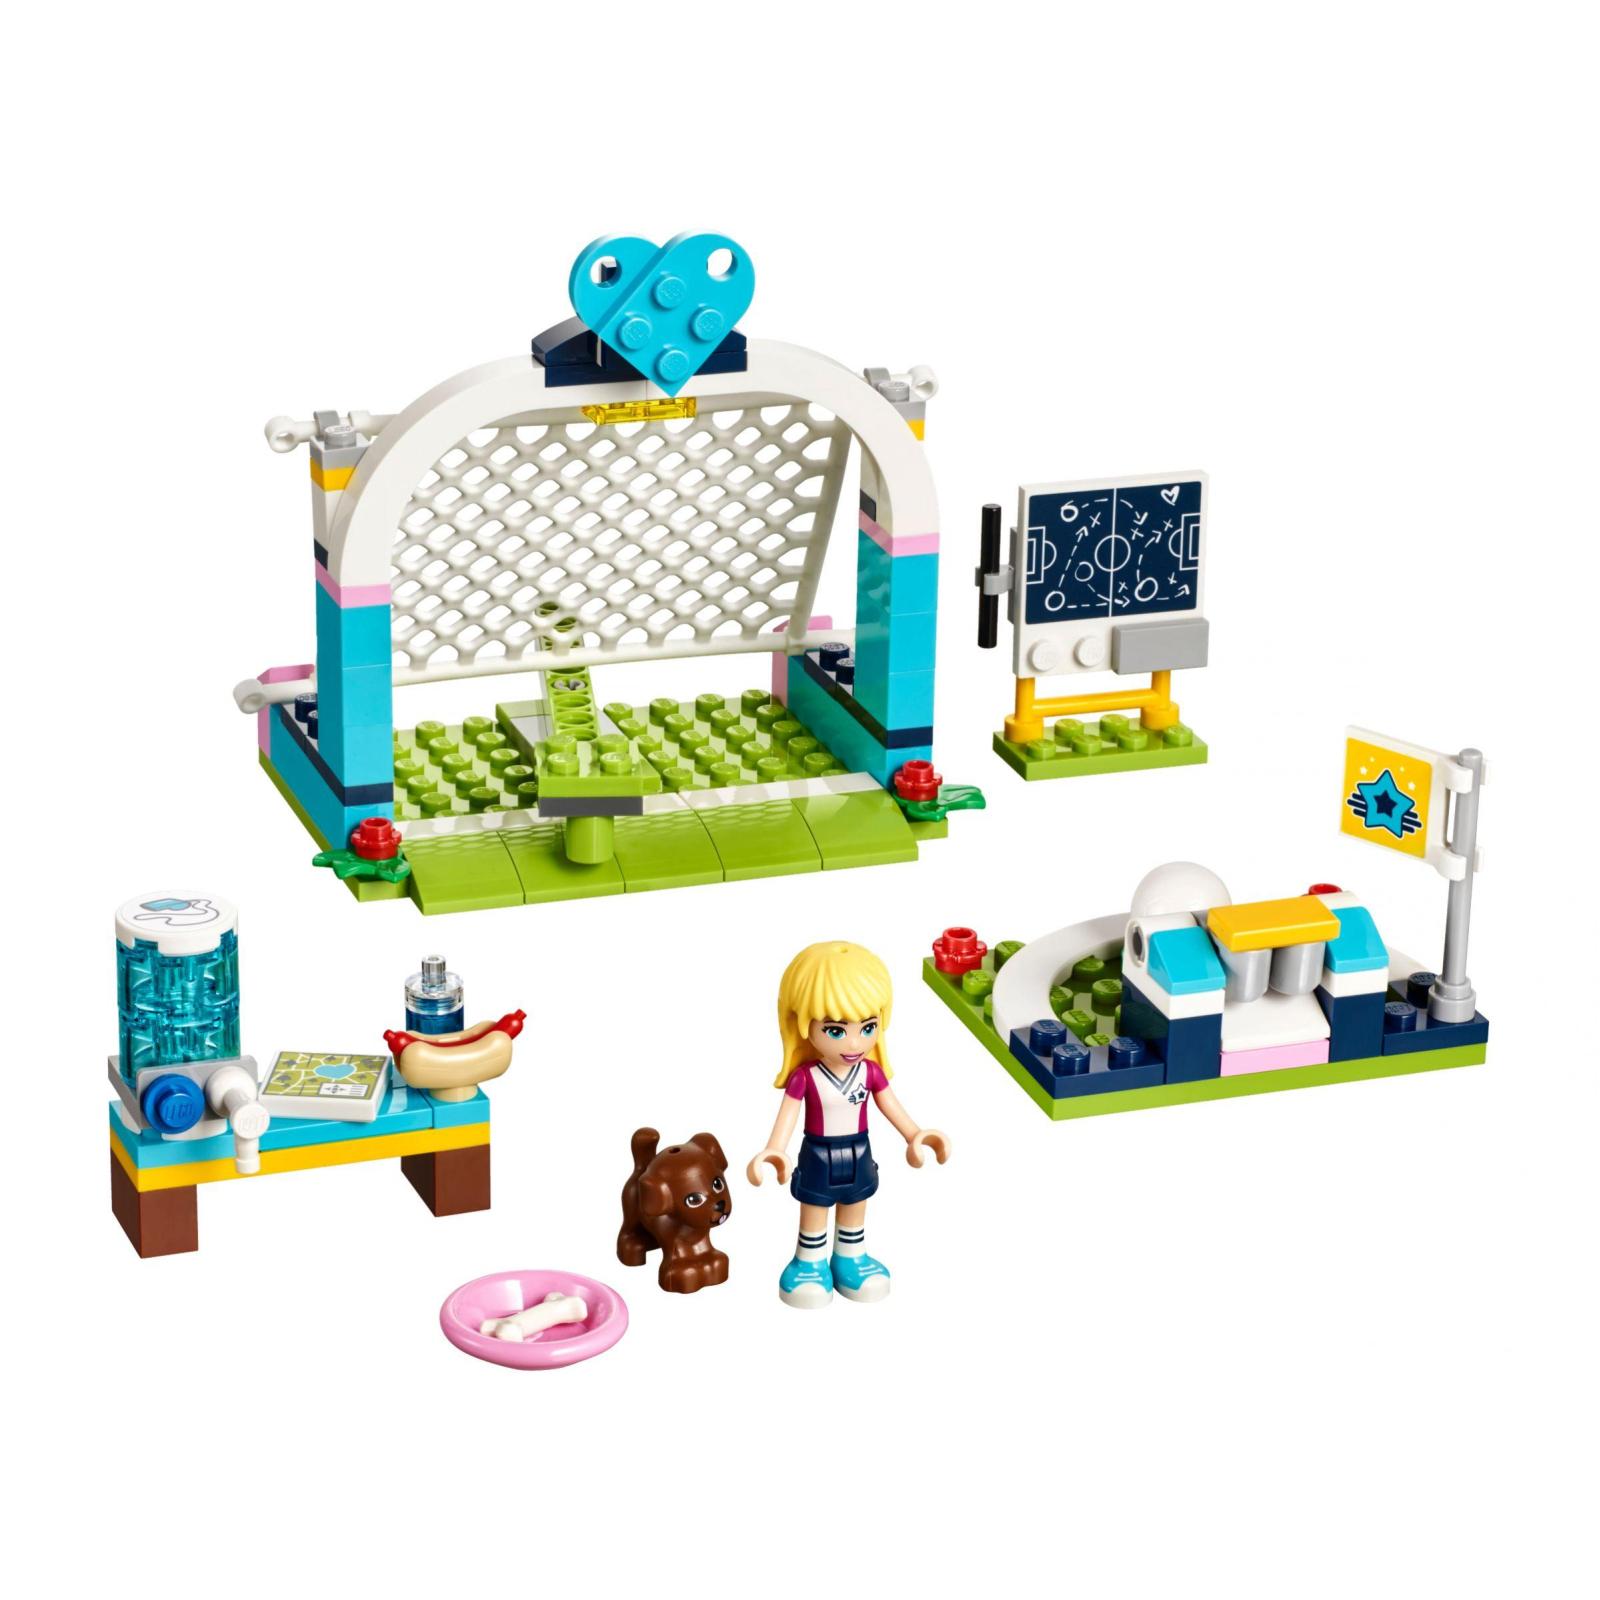 Конструктор LEGO Friends Футбольная тренировка Стефани (41330) изображение 2